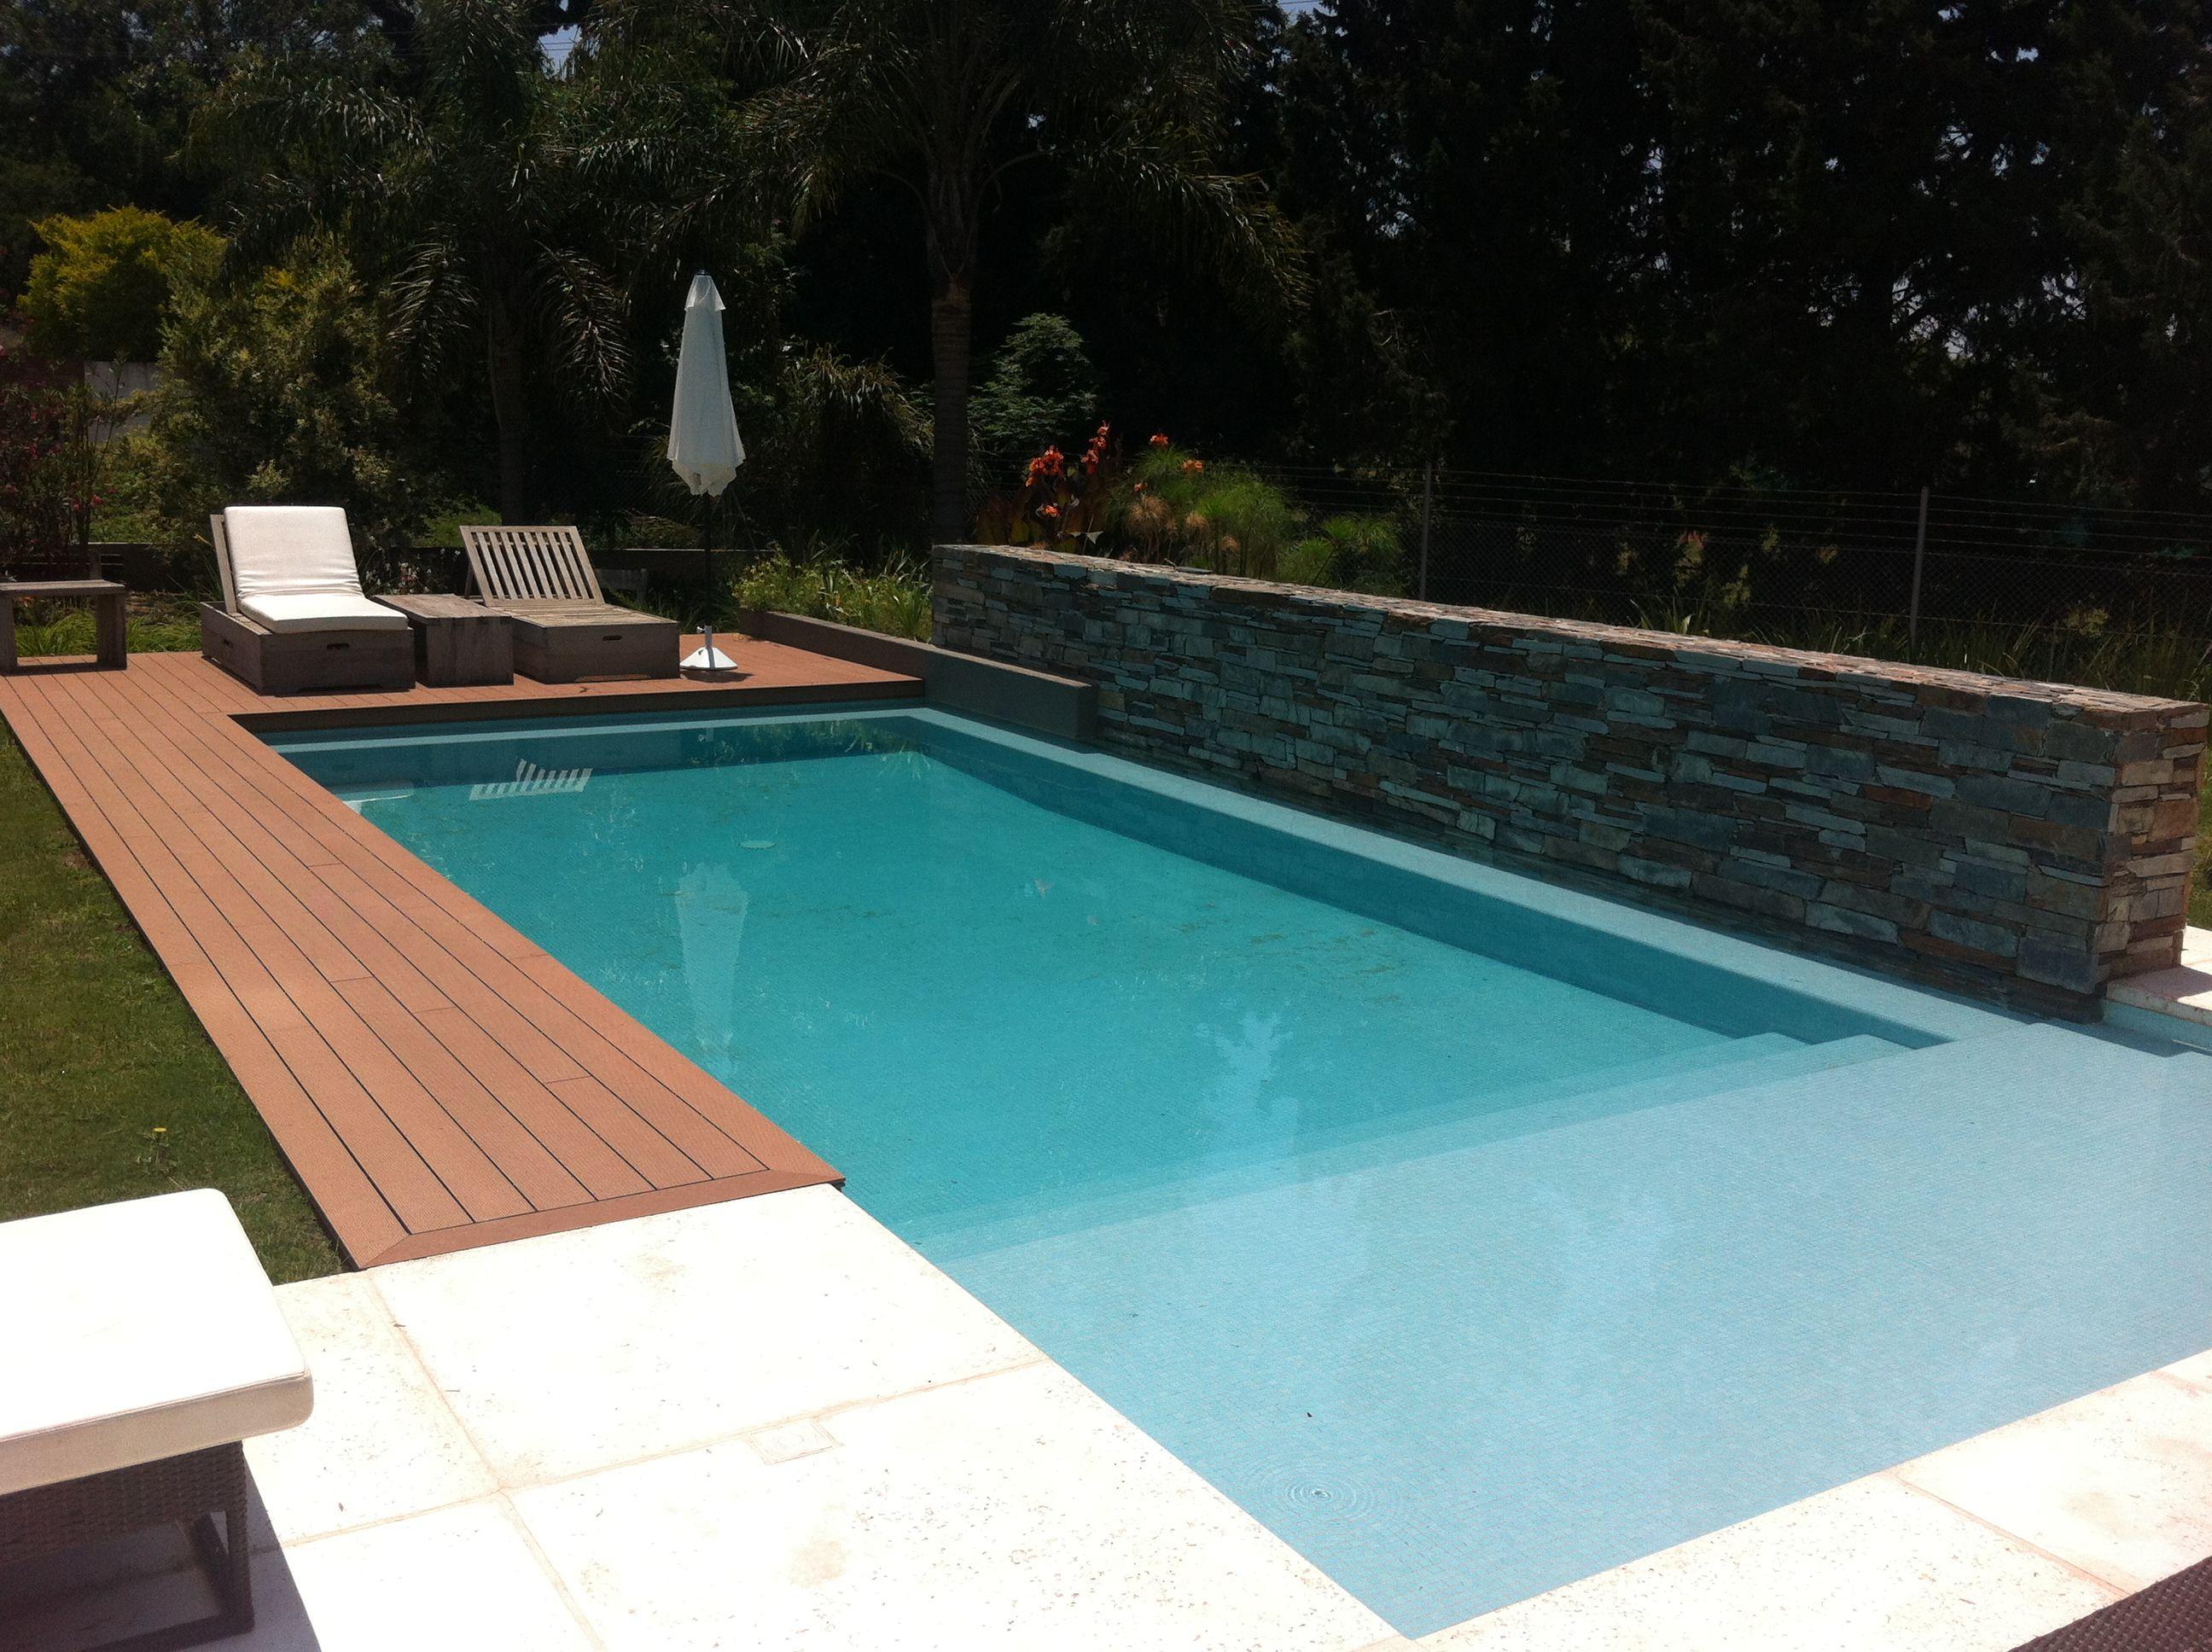 Piscina Swinning Pool Dise o Arquitectura Deck Solarium